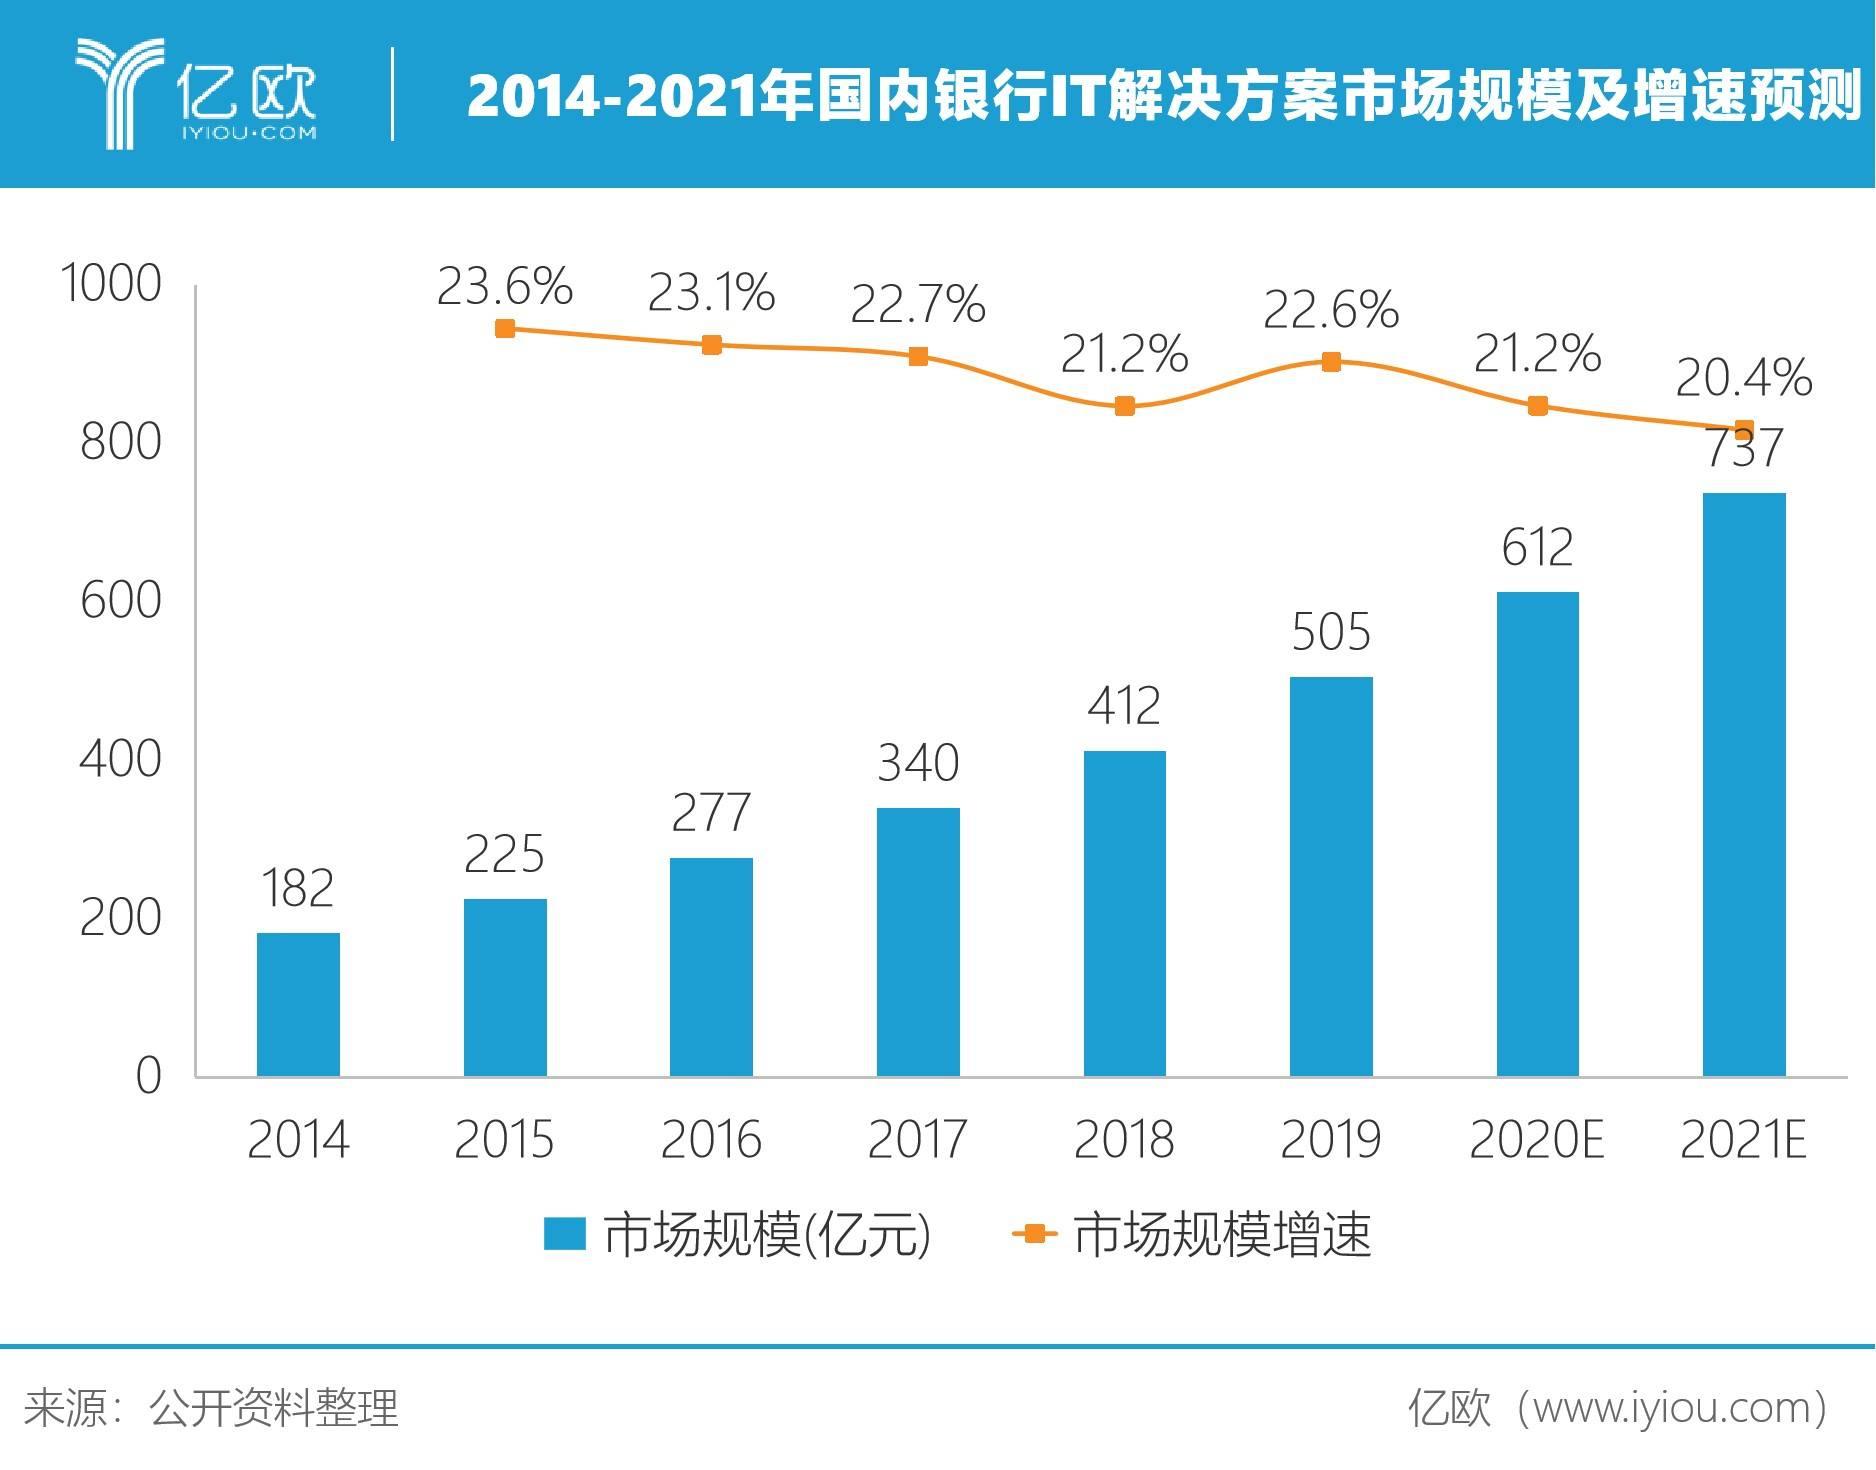 2014-2021年国内银走IT解决方案市场周围及添速展望